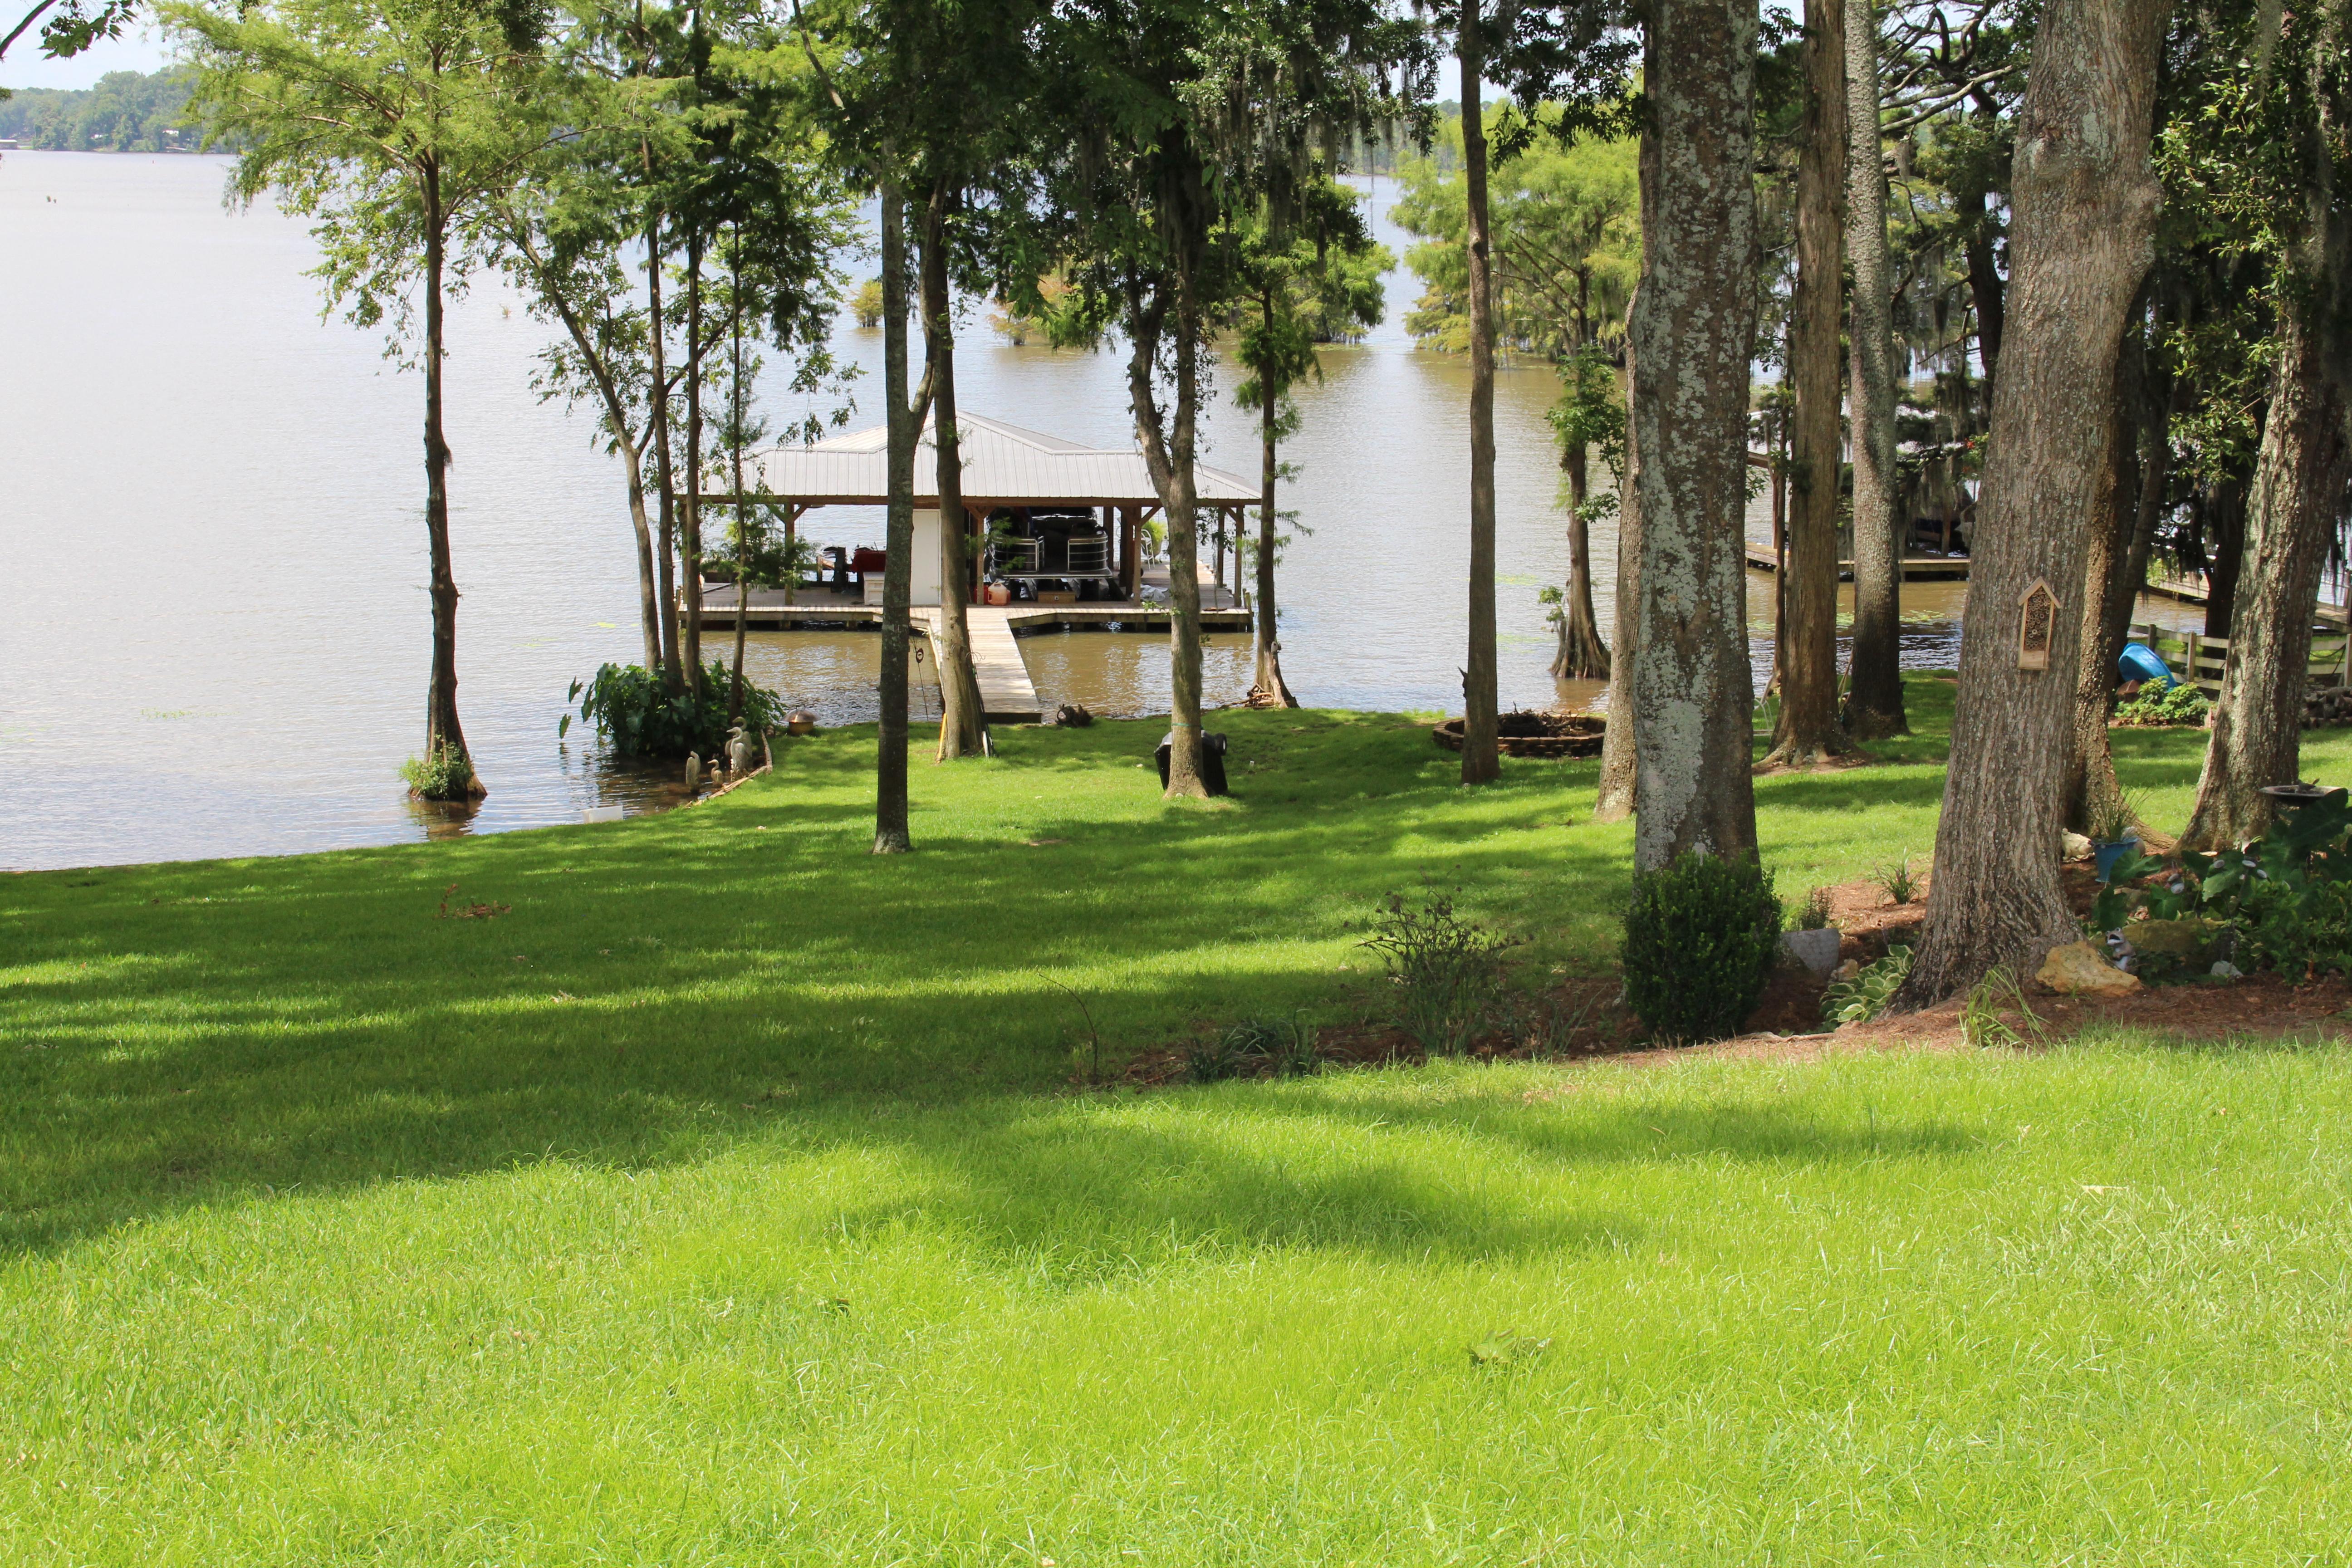 Lake Blackshear Mason Hughes Realty - Lake Blackshear, GA